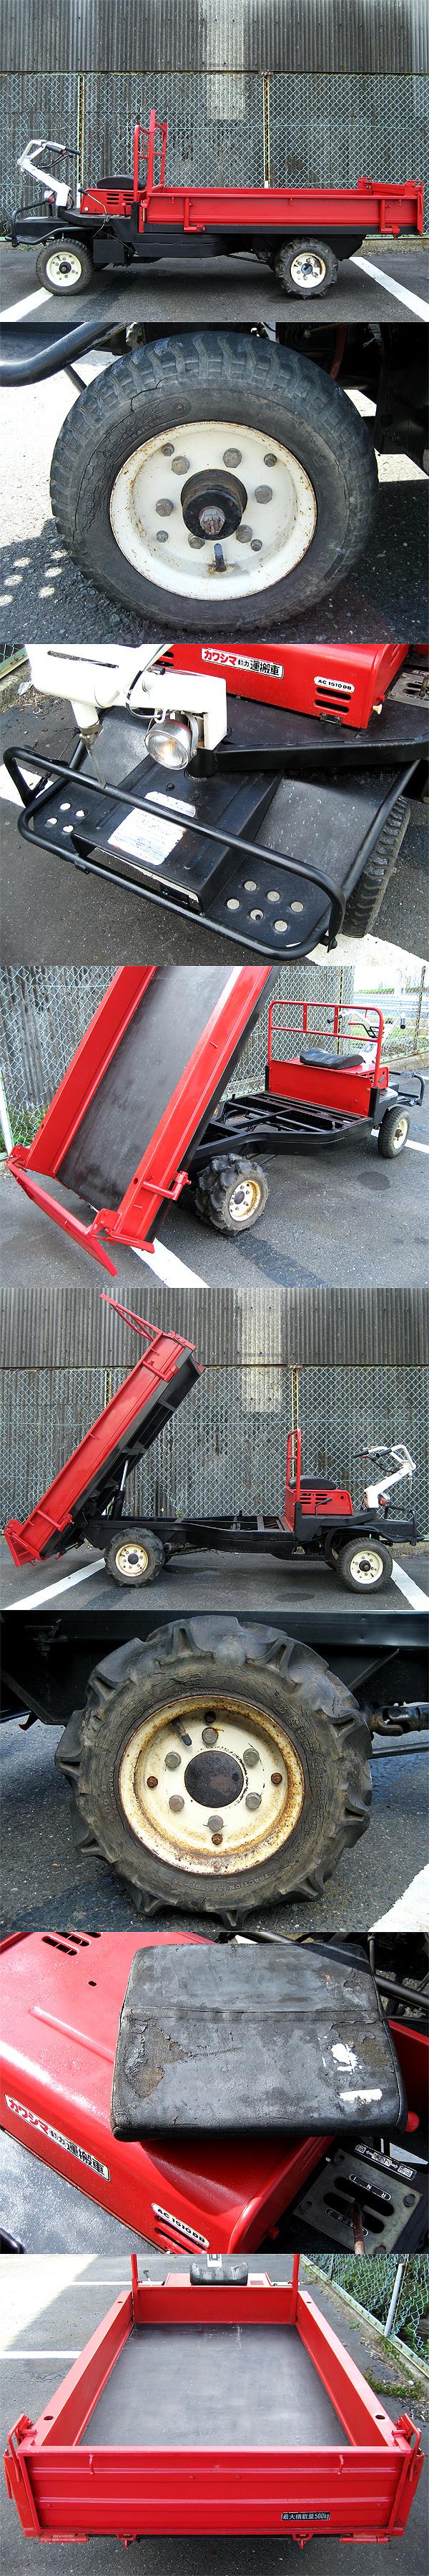 カワシマ(河島農具) 乗用型 四輪運搬車 AC1510DB